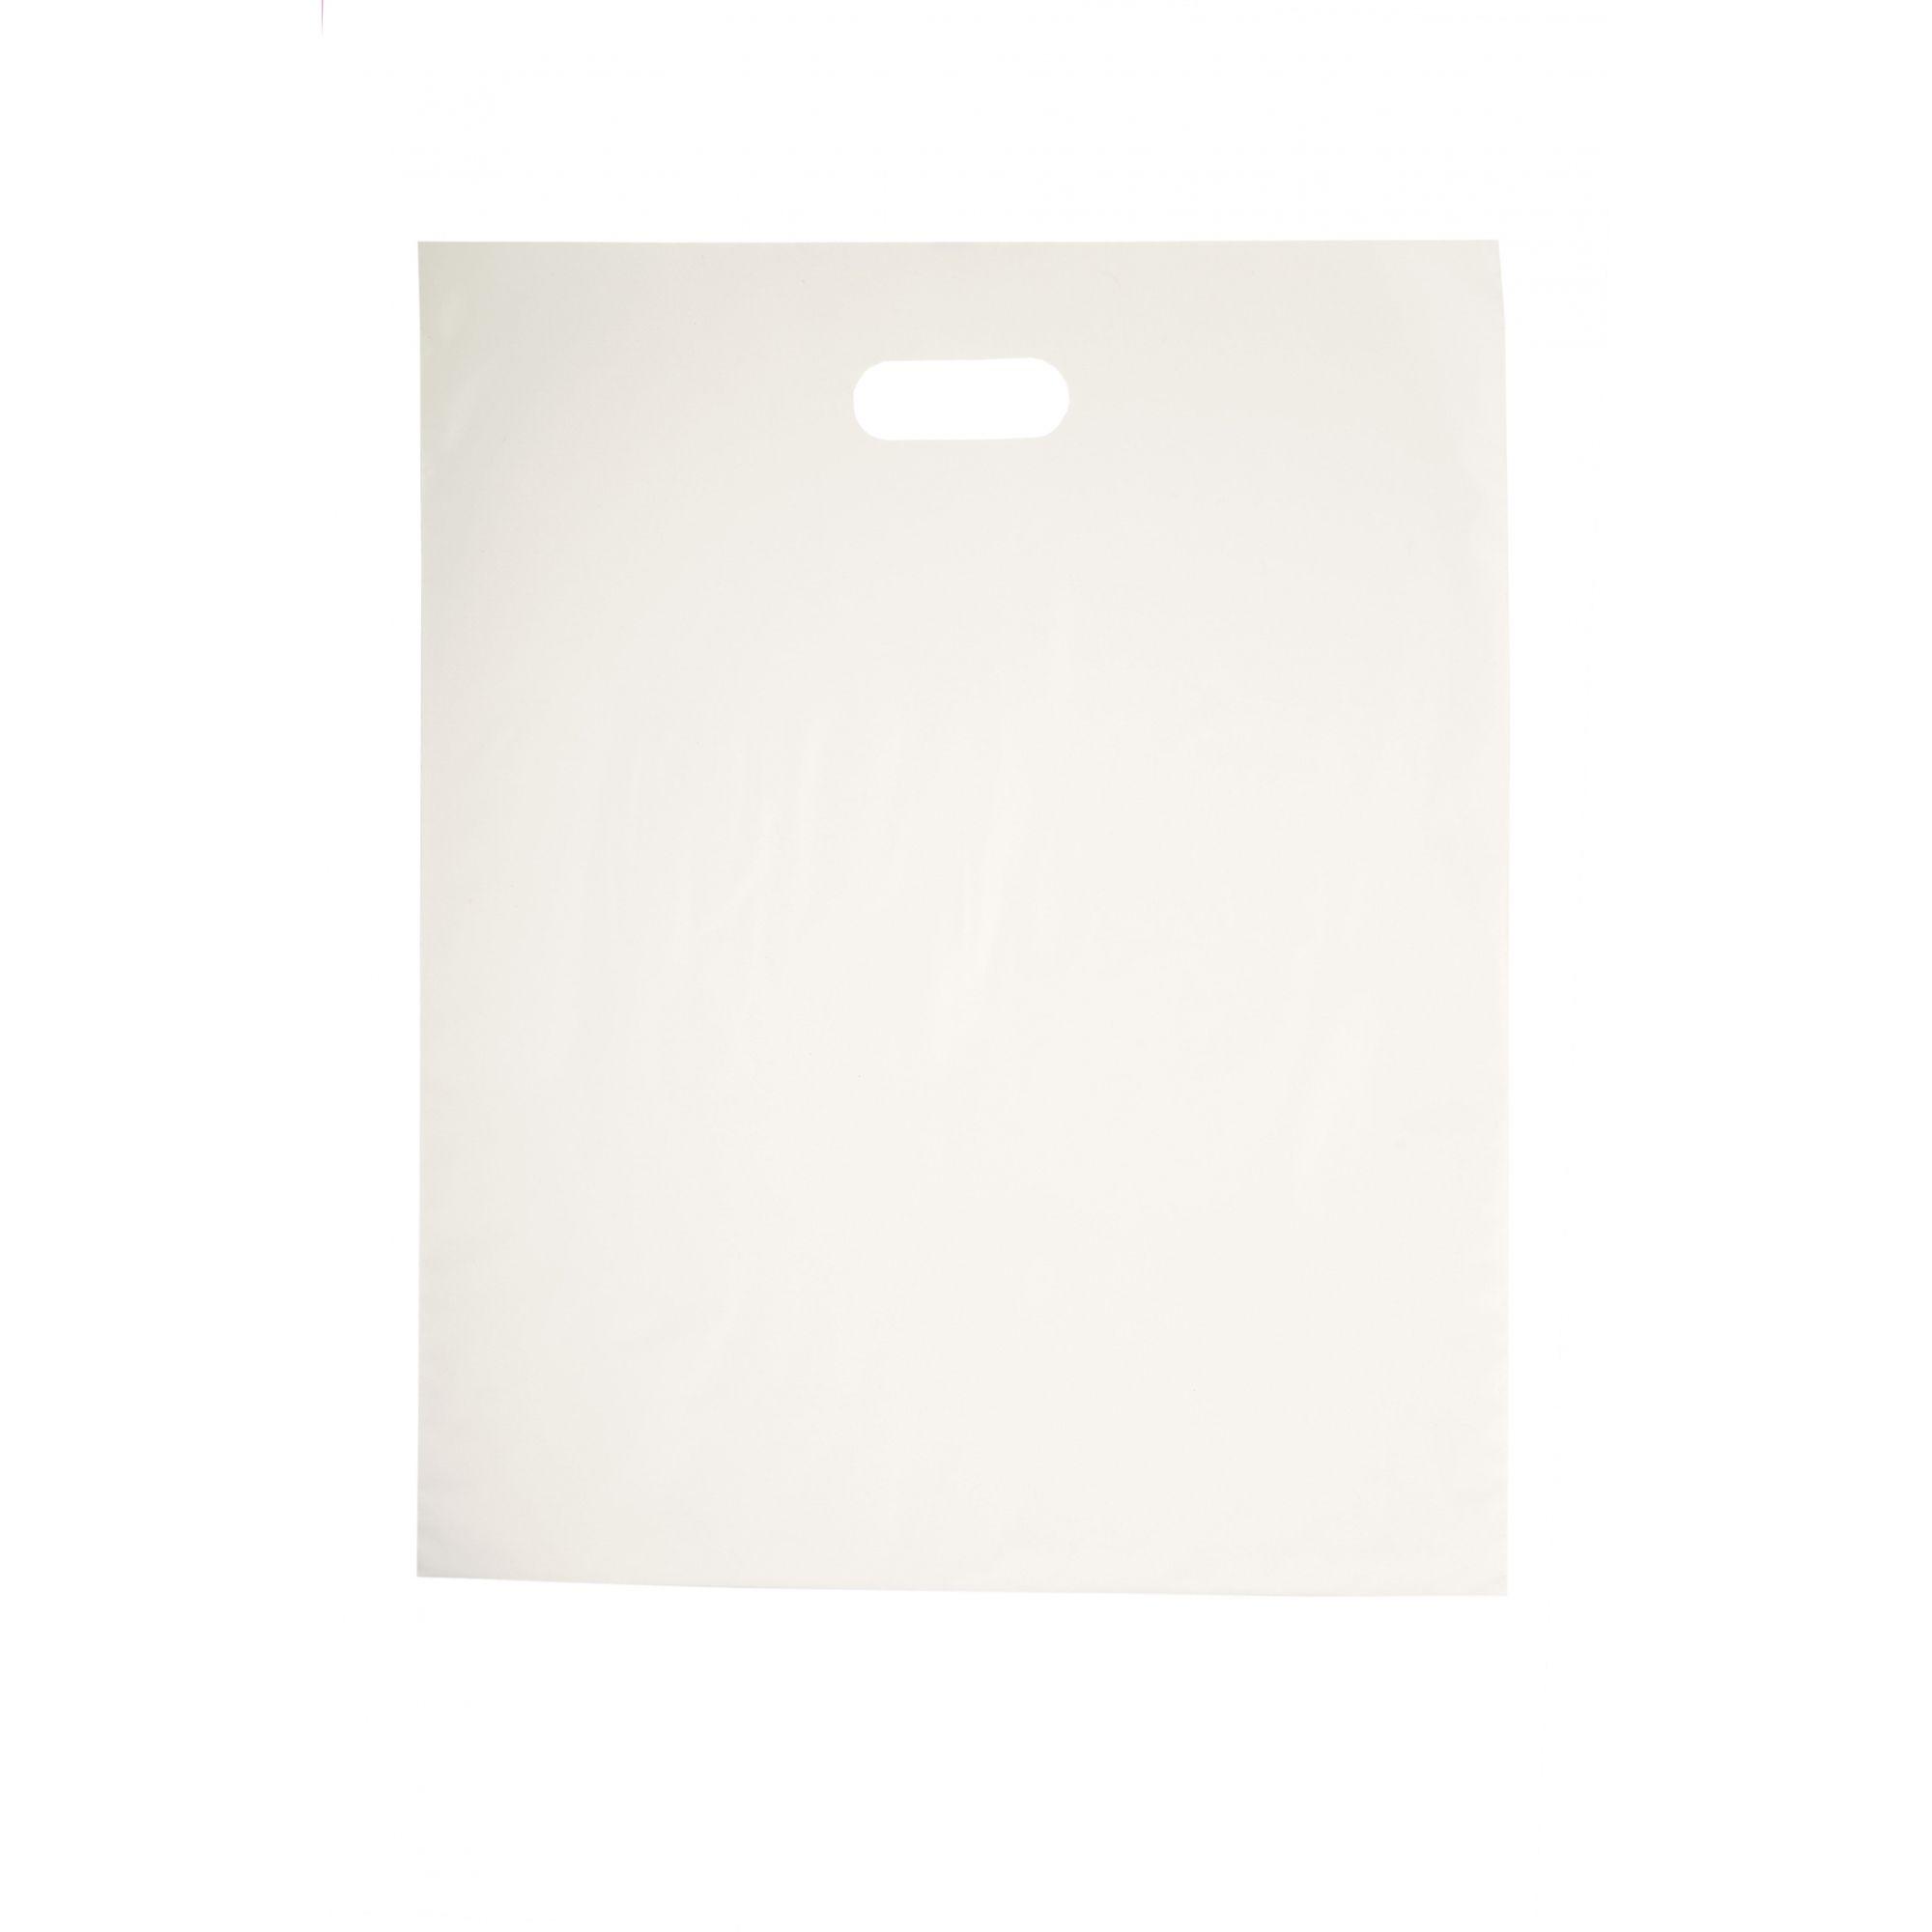 Sacola Plástica 40x50 Branca - Alça Boca de Palhaço